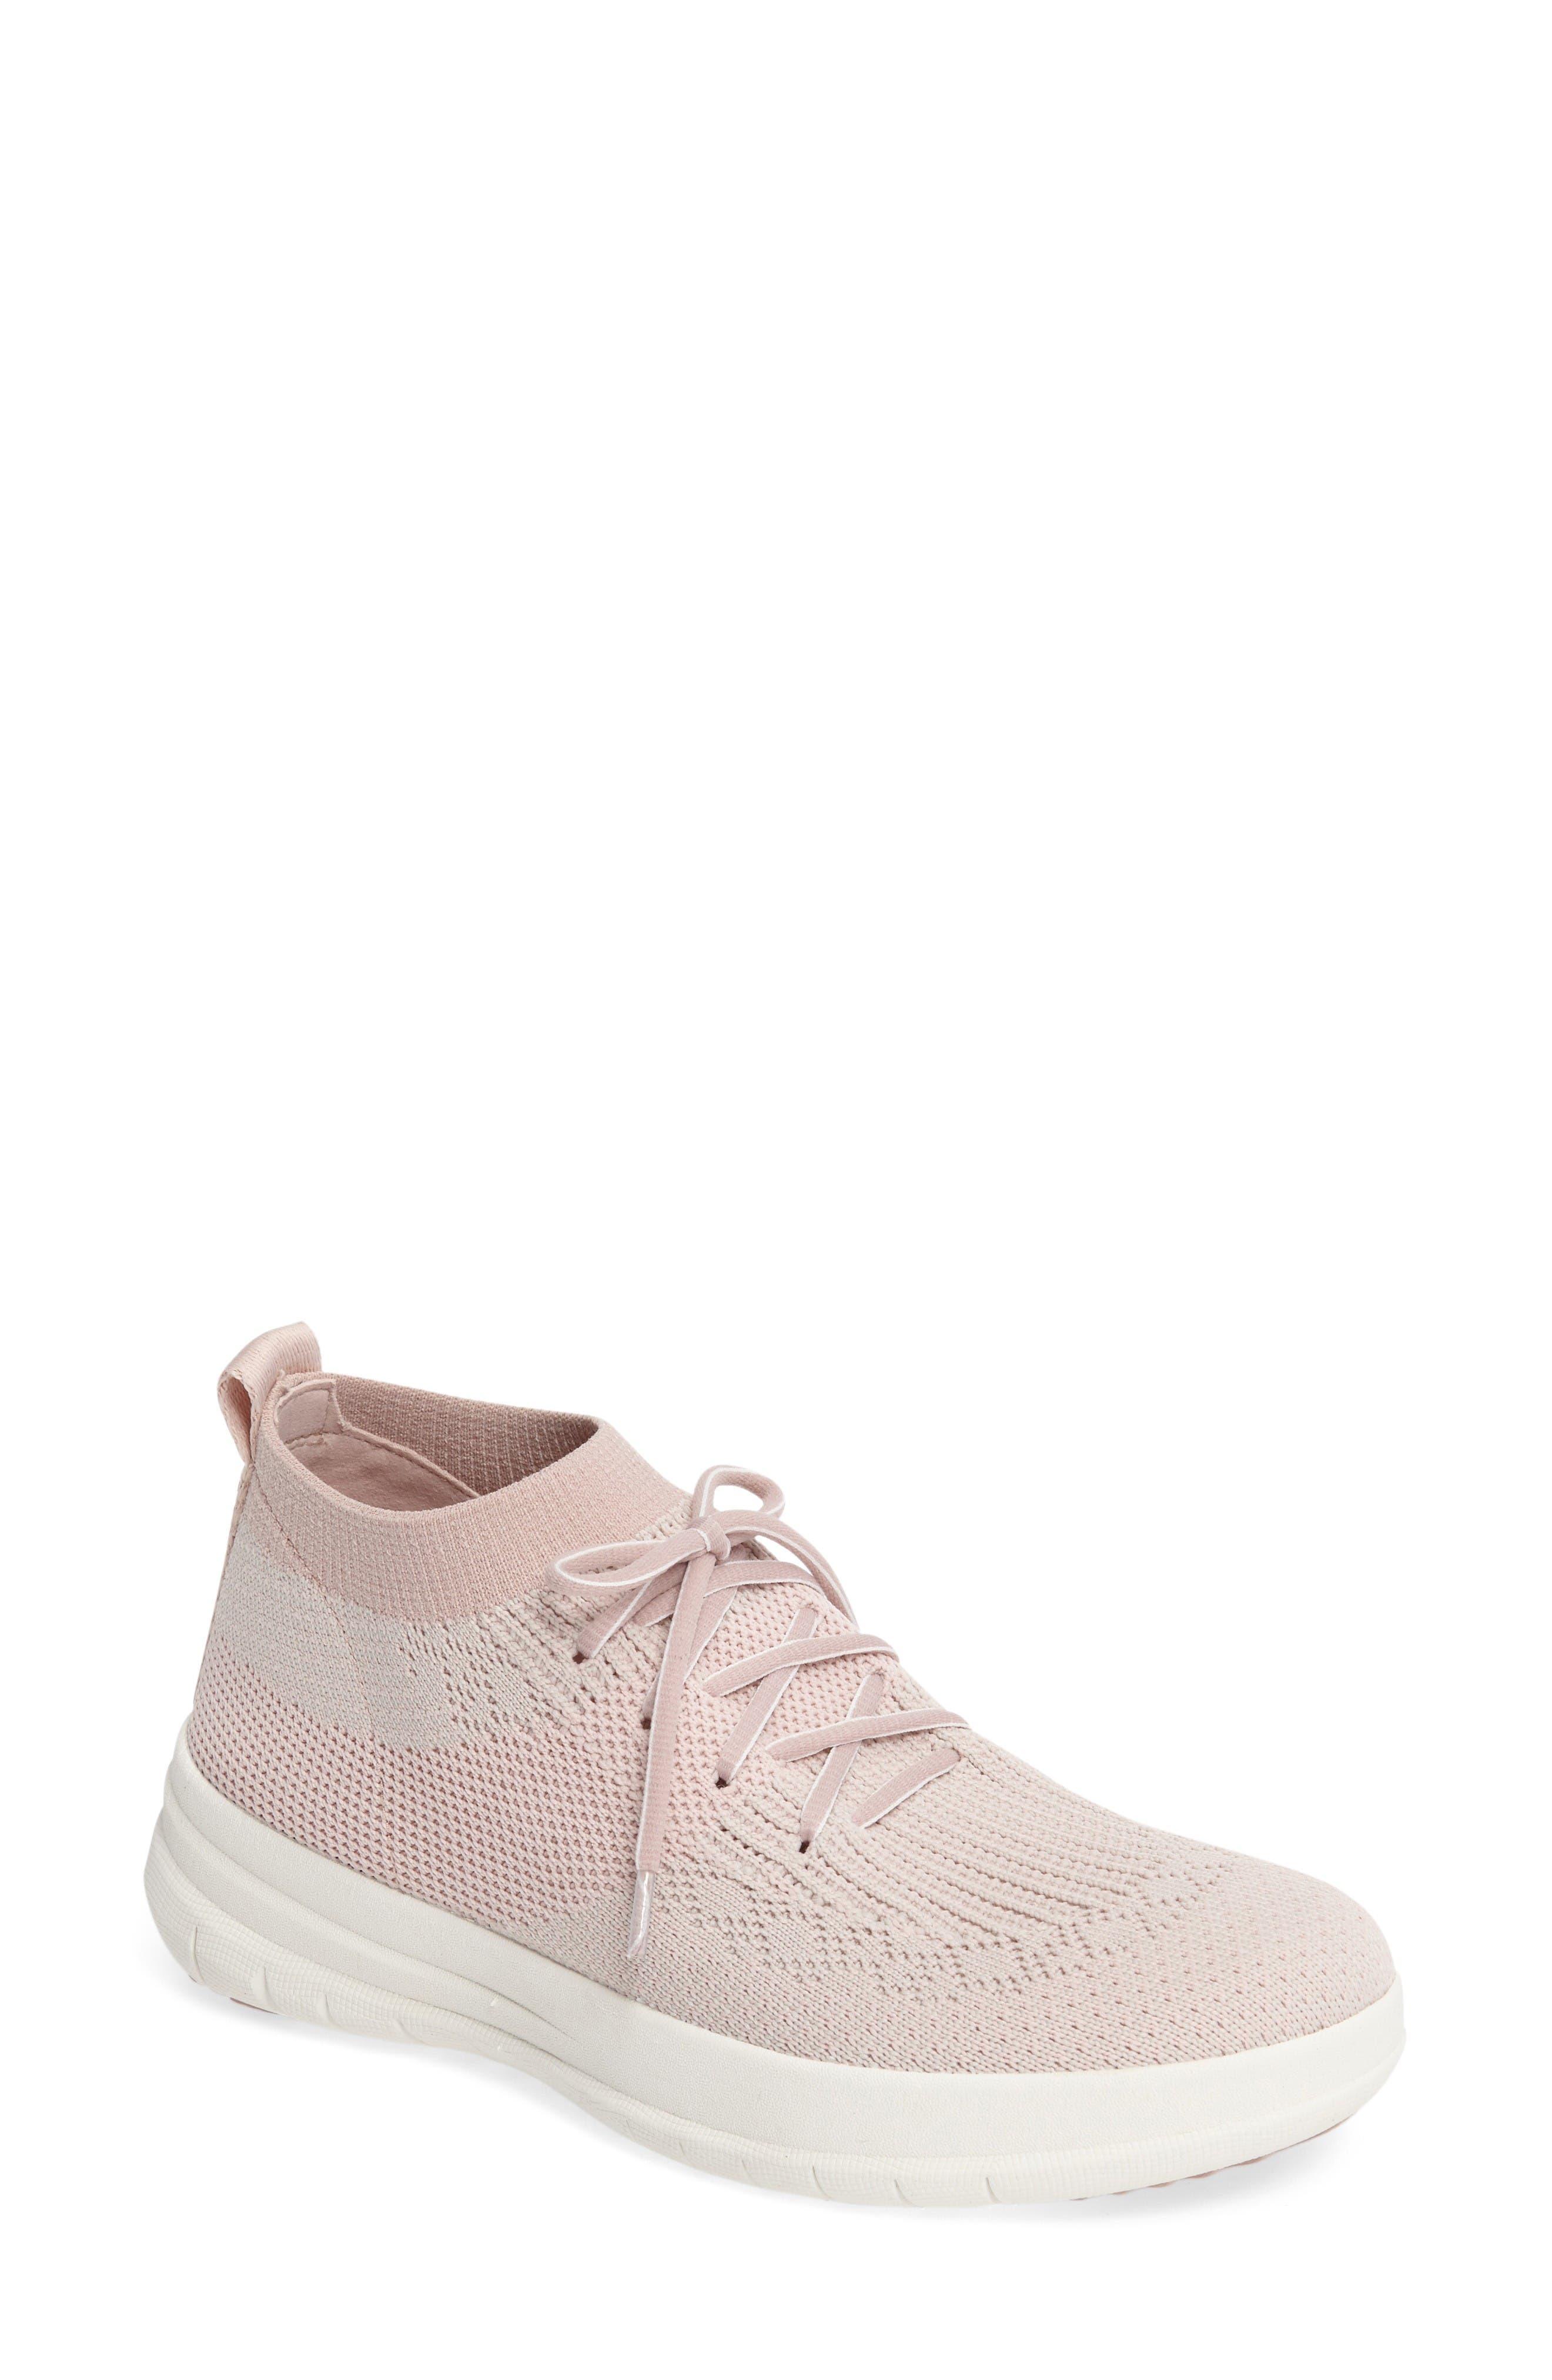 FitFlop™ Überknit High Top Sneaker (Women)